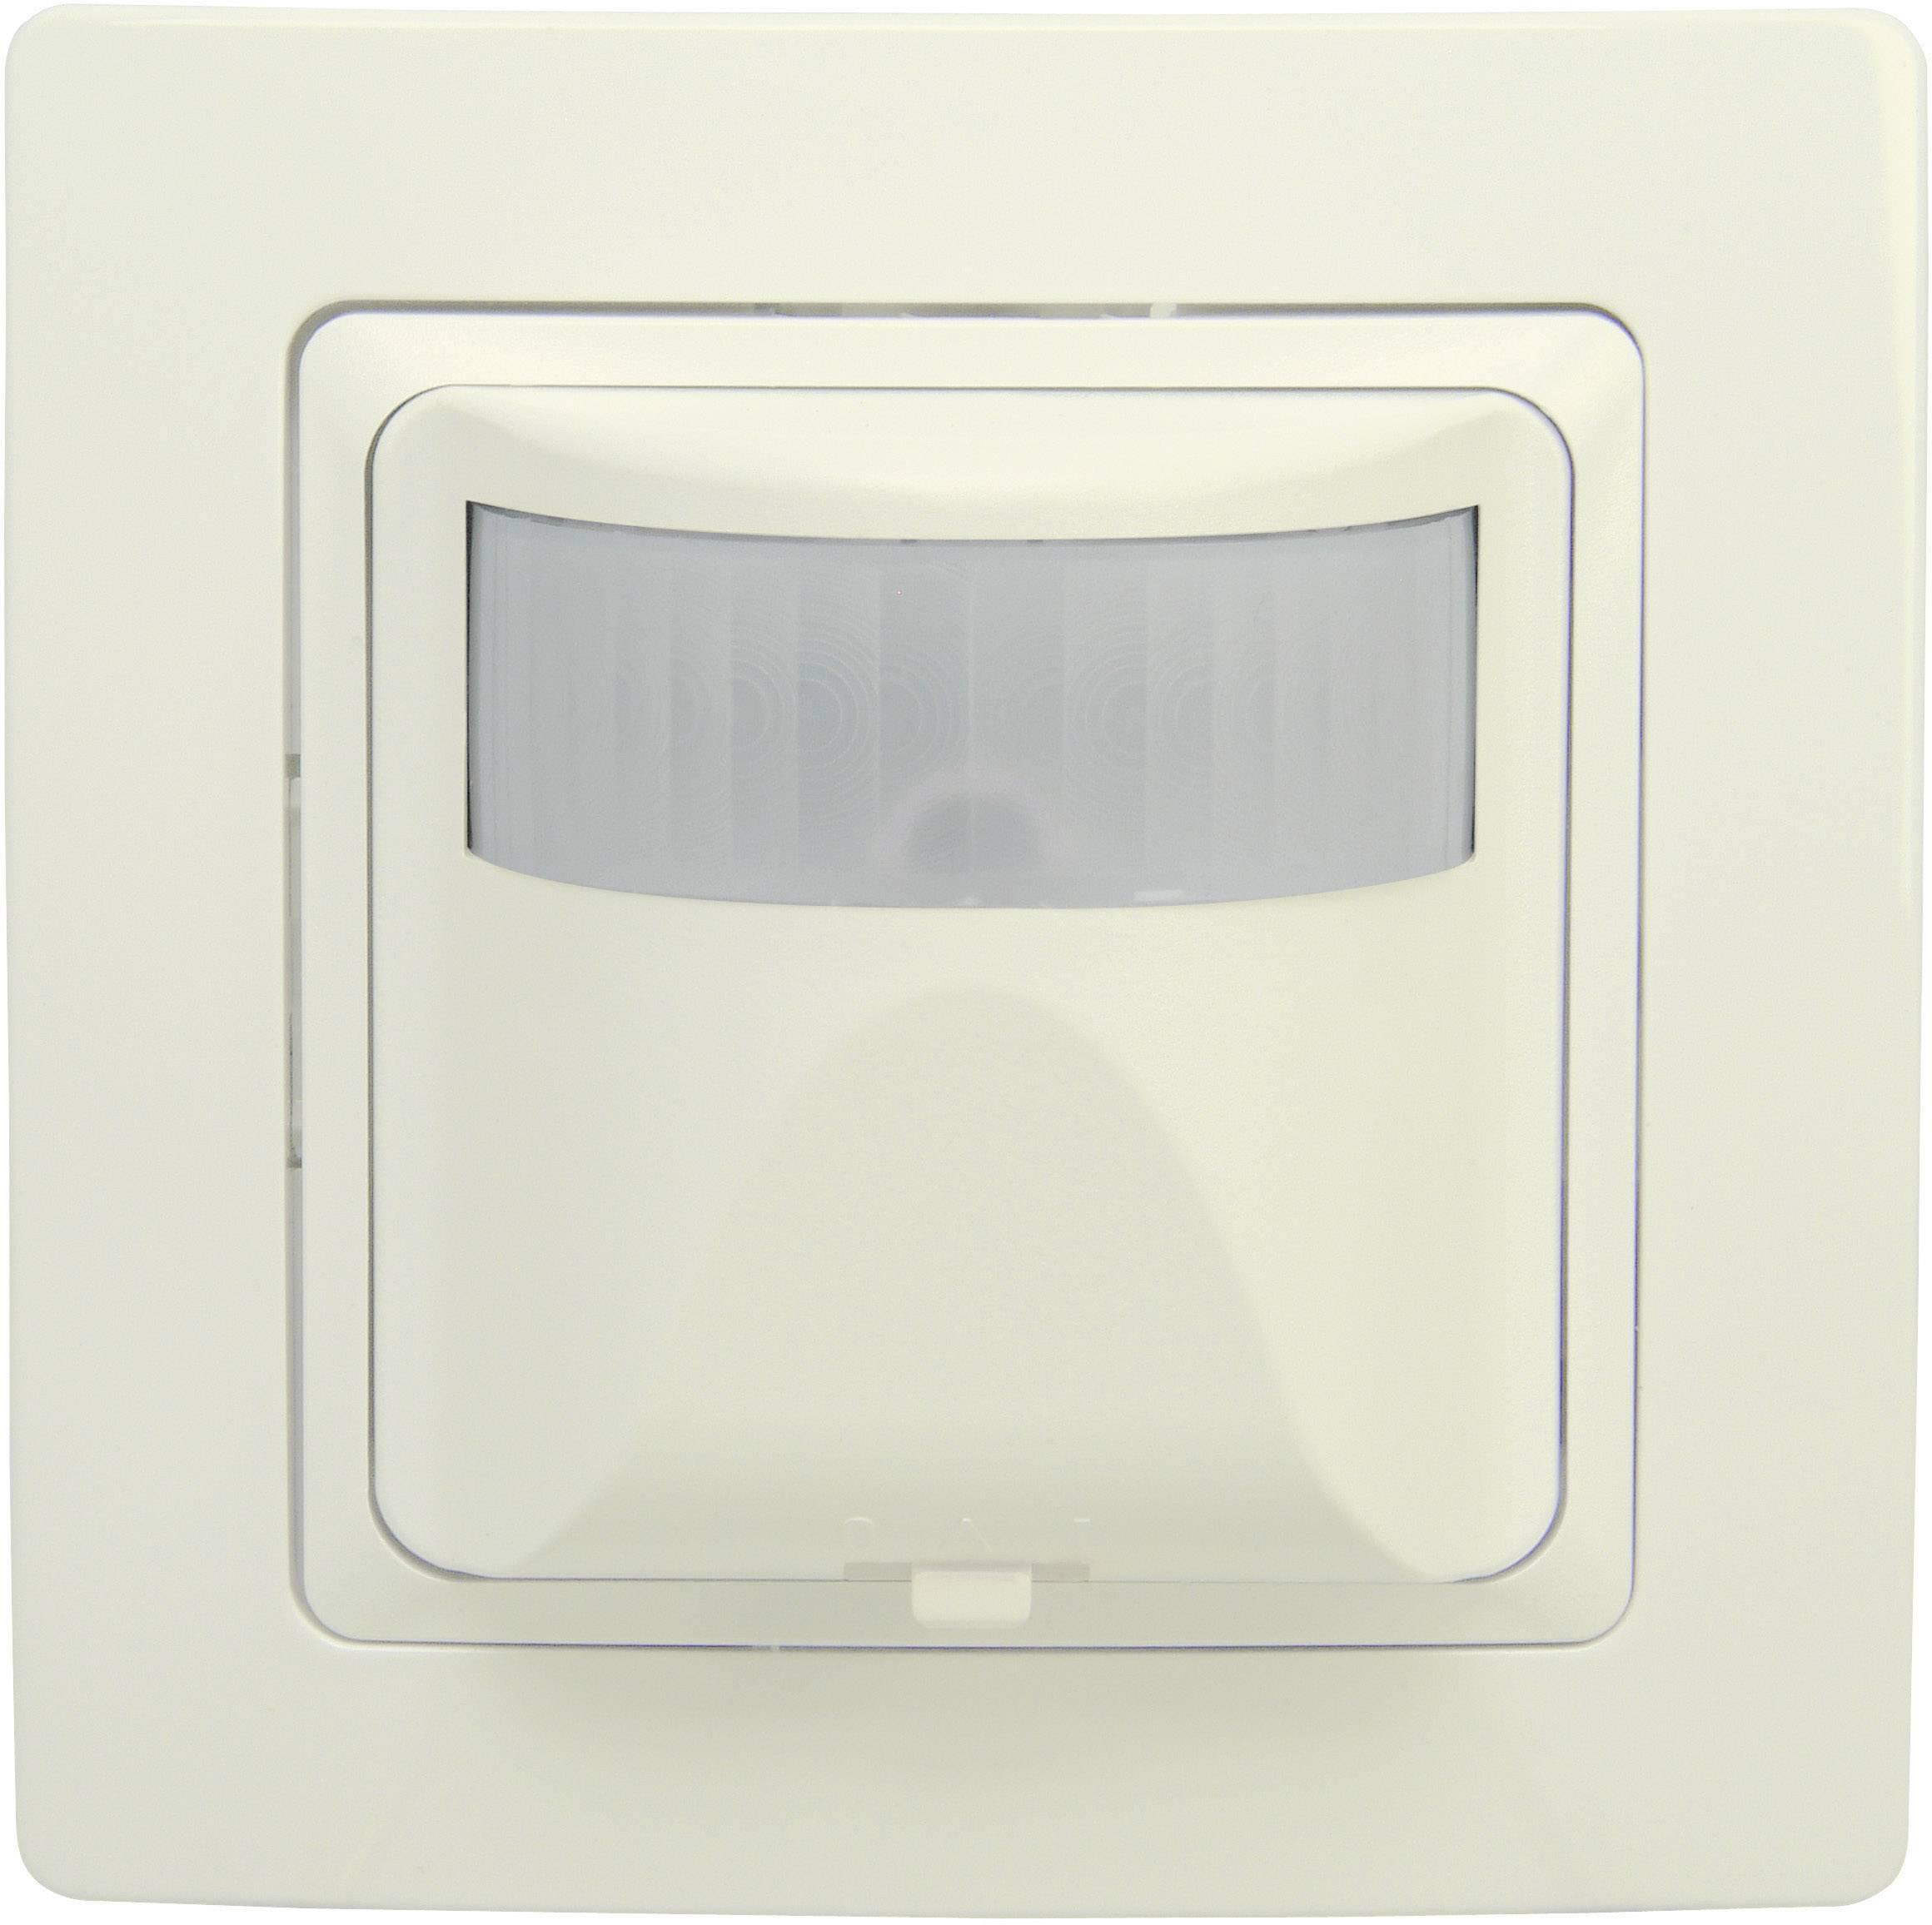 Detektor pohybu pod omítku INFRAcontrol 180° Kopp, 808401012, IP20, krémová